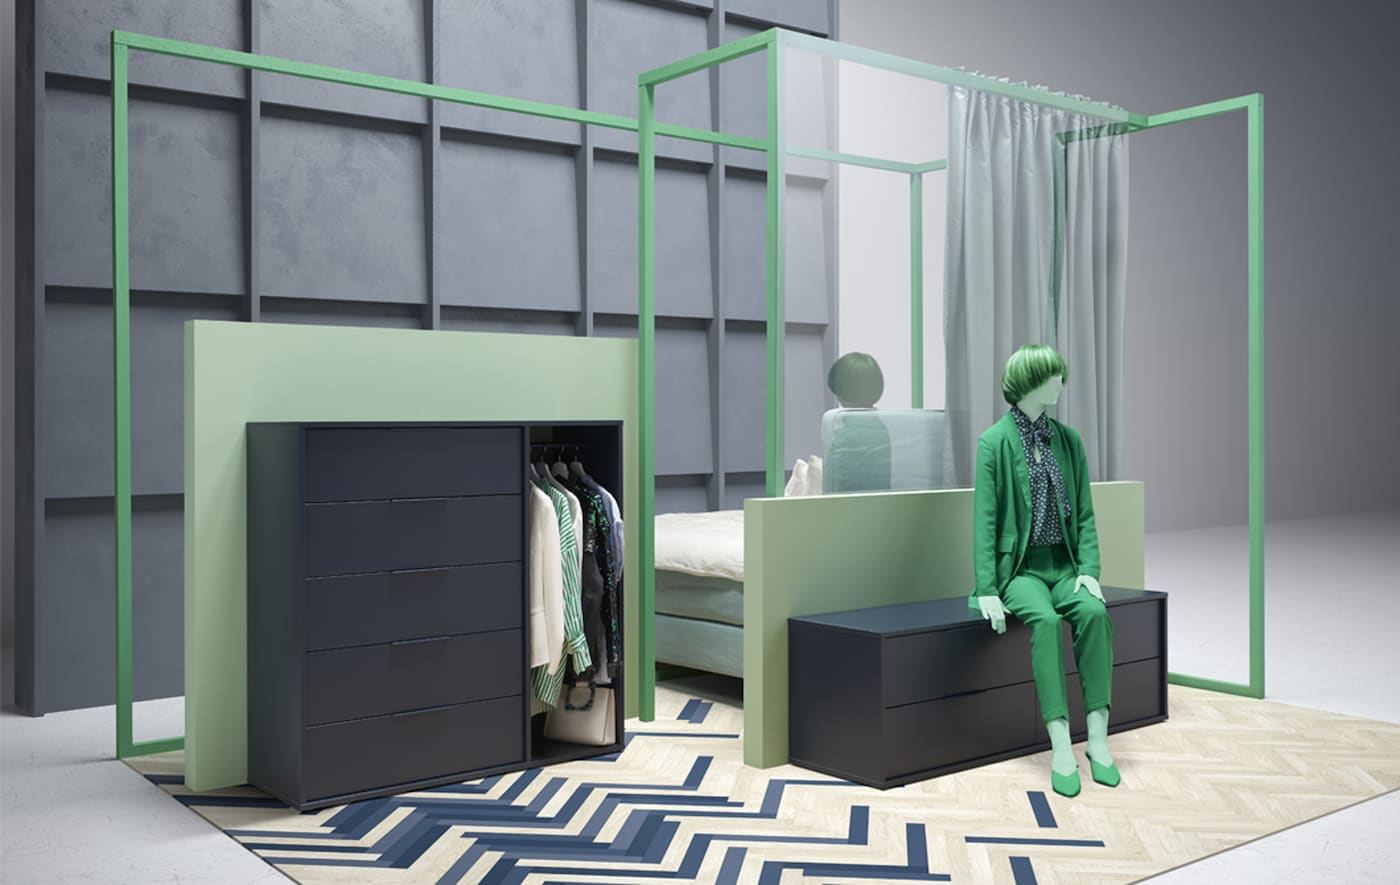 Eine grün gekleidete Person mit Möbeln in verschiedenen Grüntönen